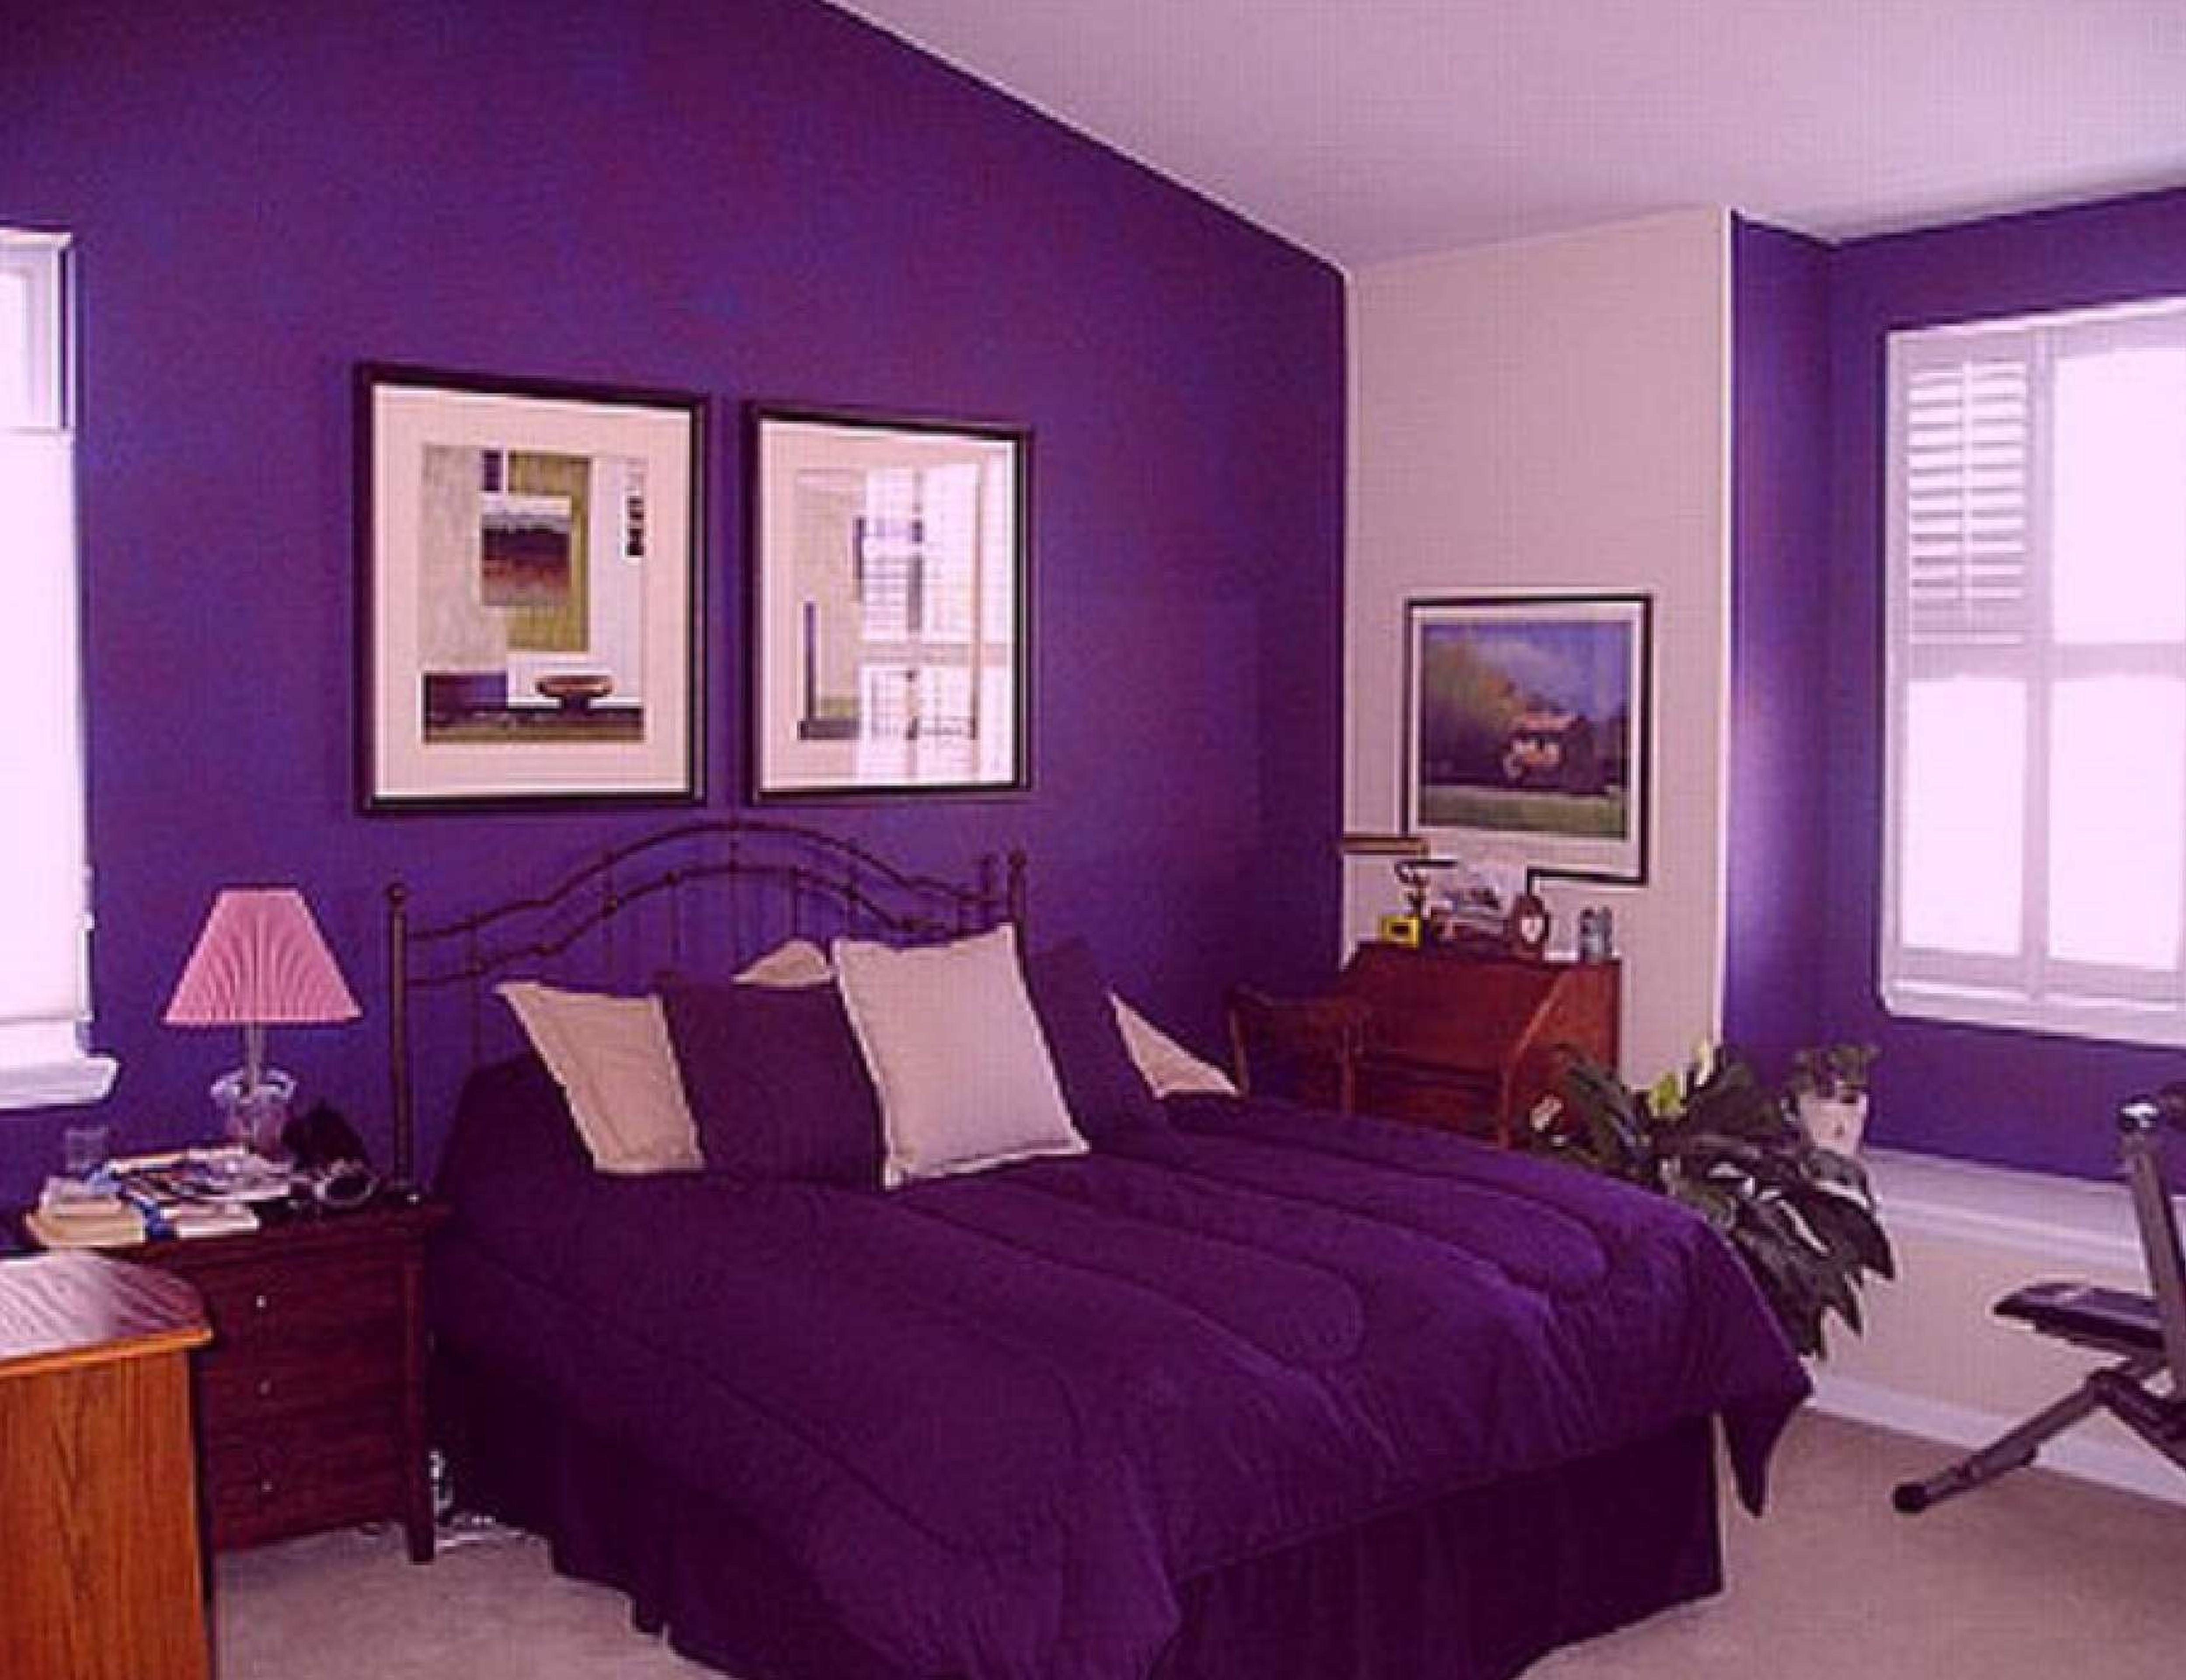 purple color for bedroom 3 Gallery Website Purple Bedroom